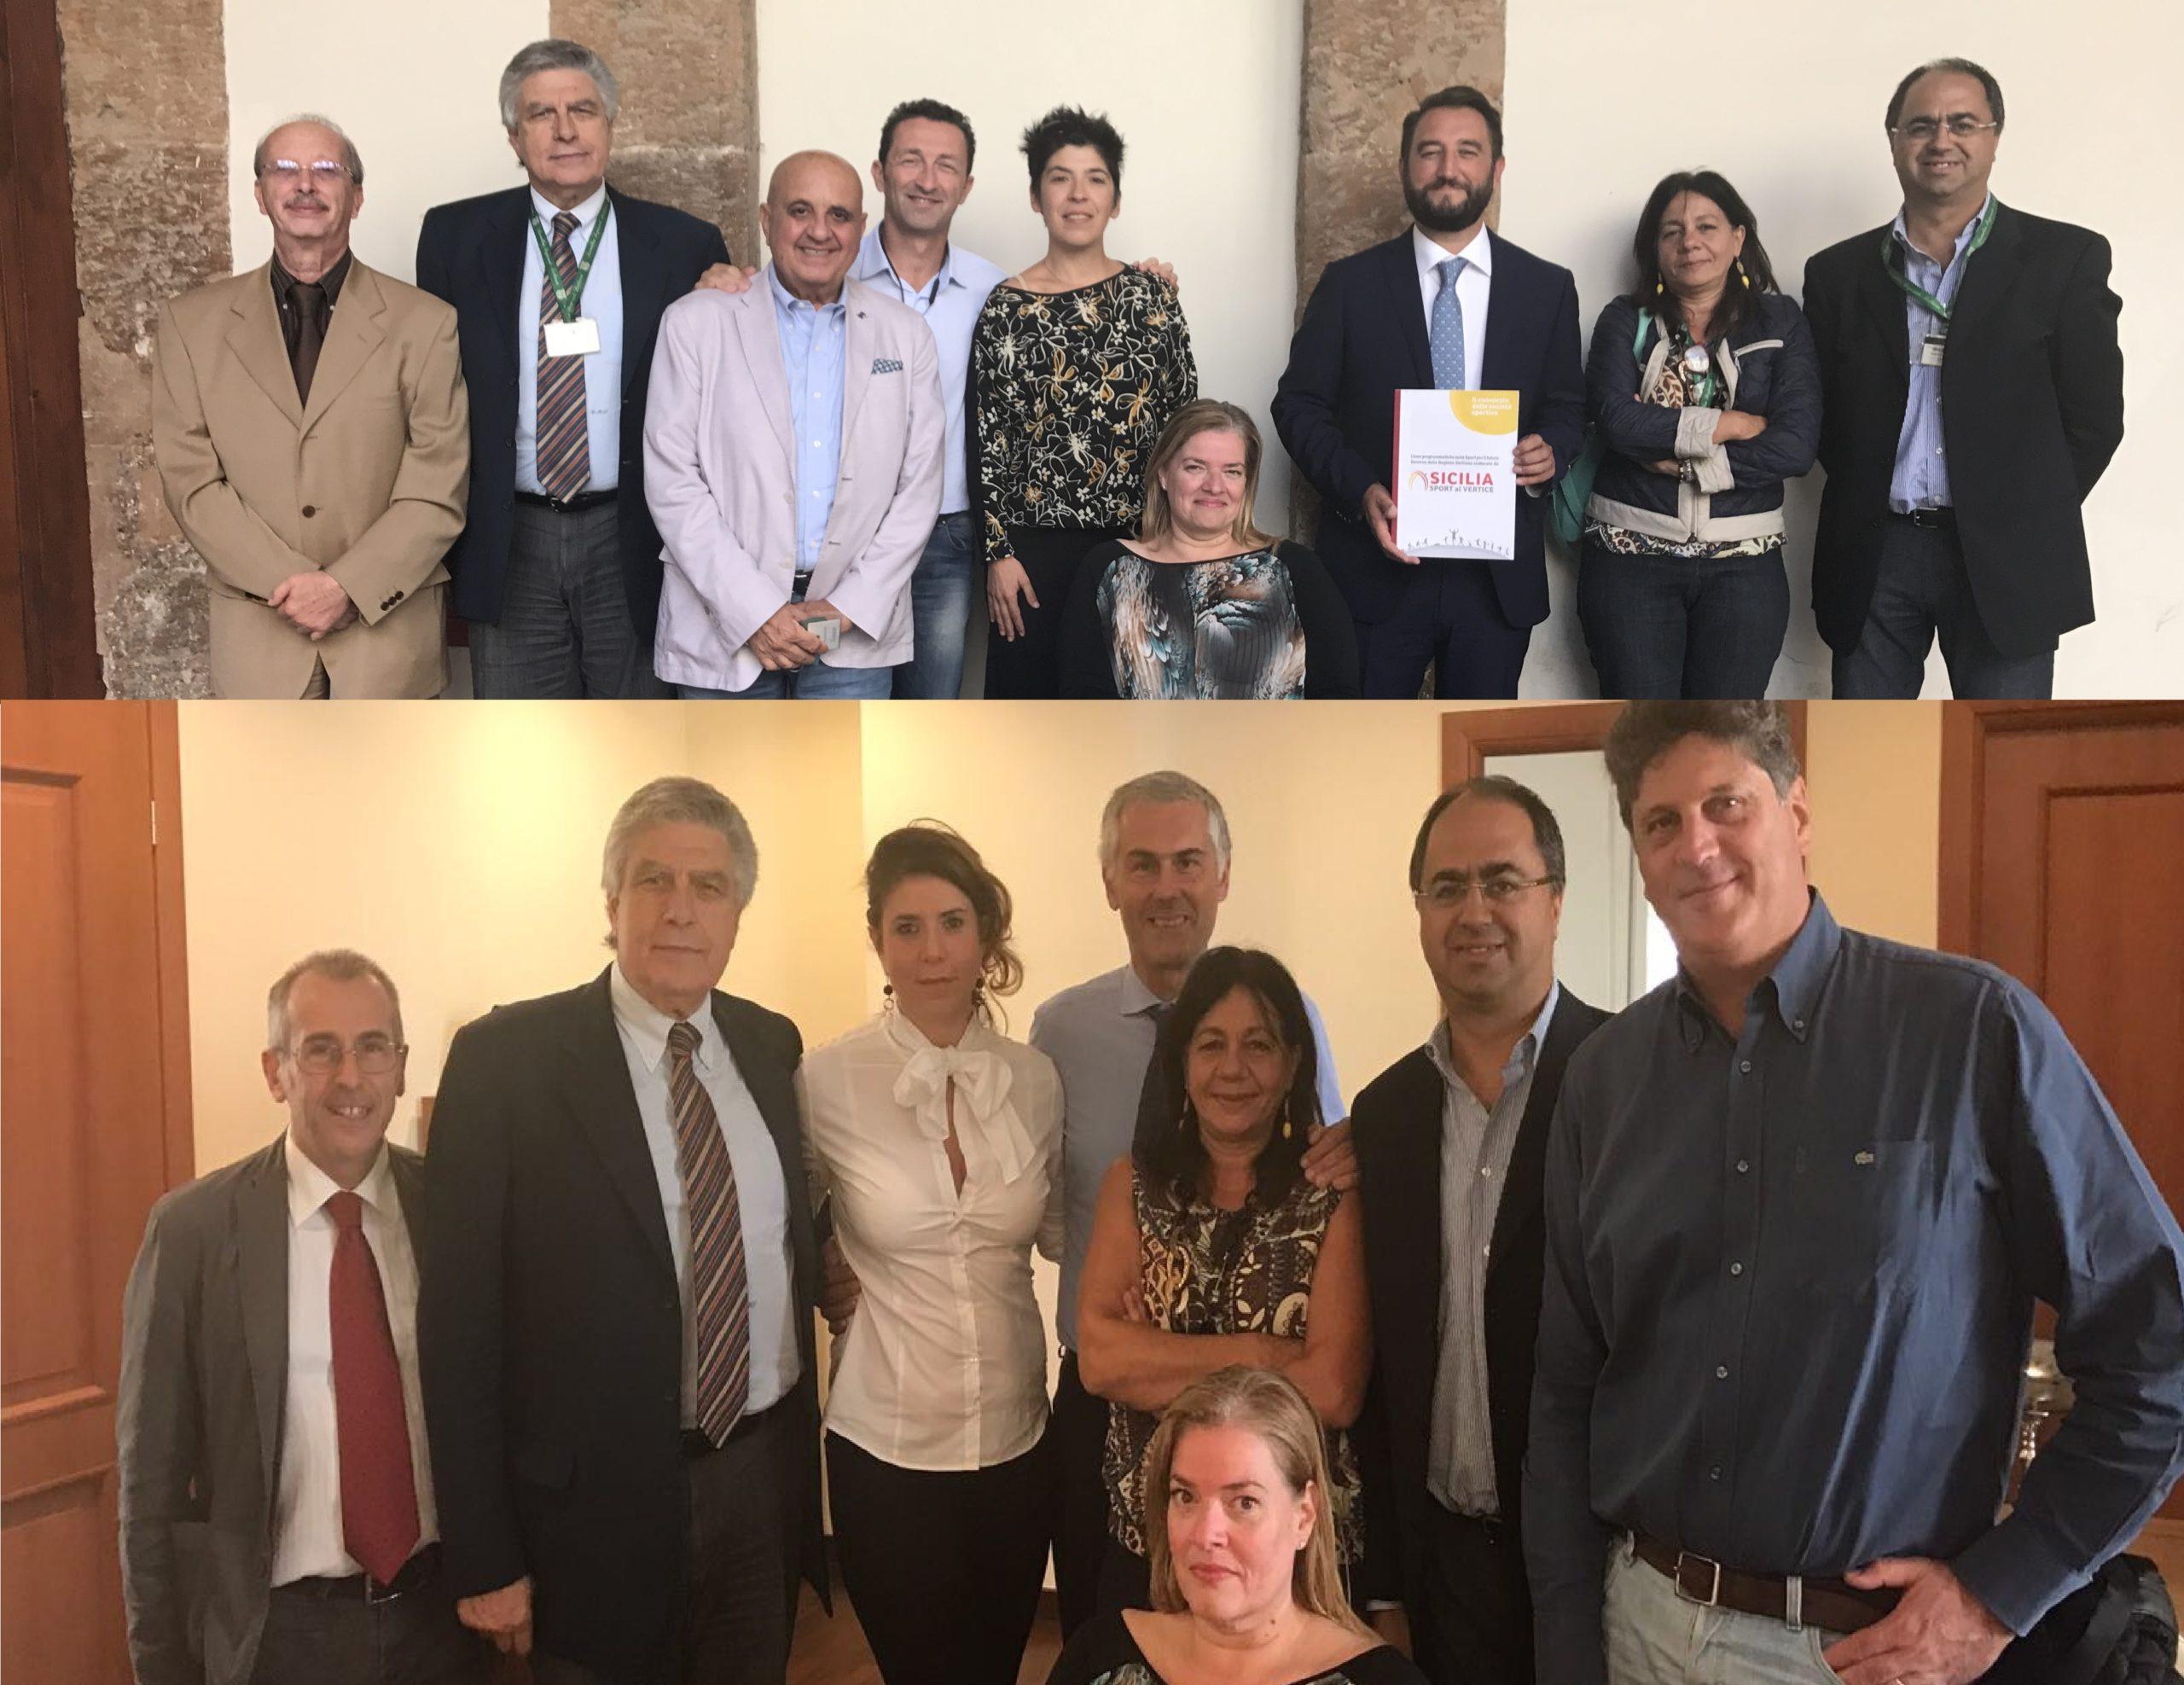 Il Consorzio Sicilia Sport al Vertice incontra i candidati alla Presidenza della Regione